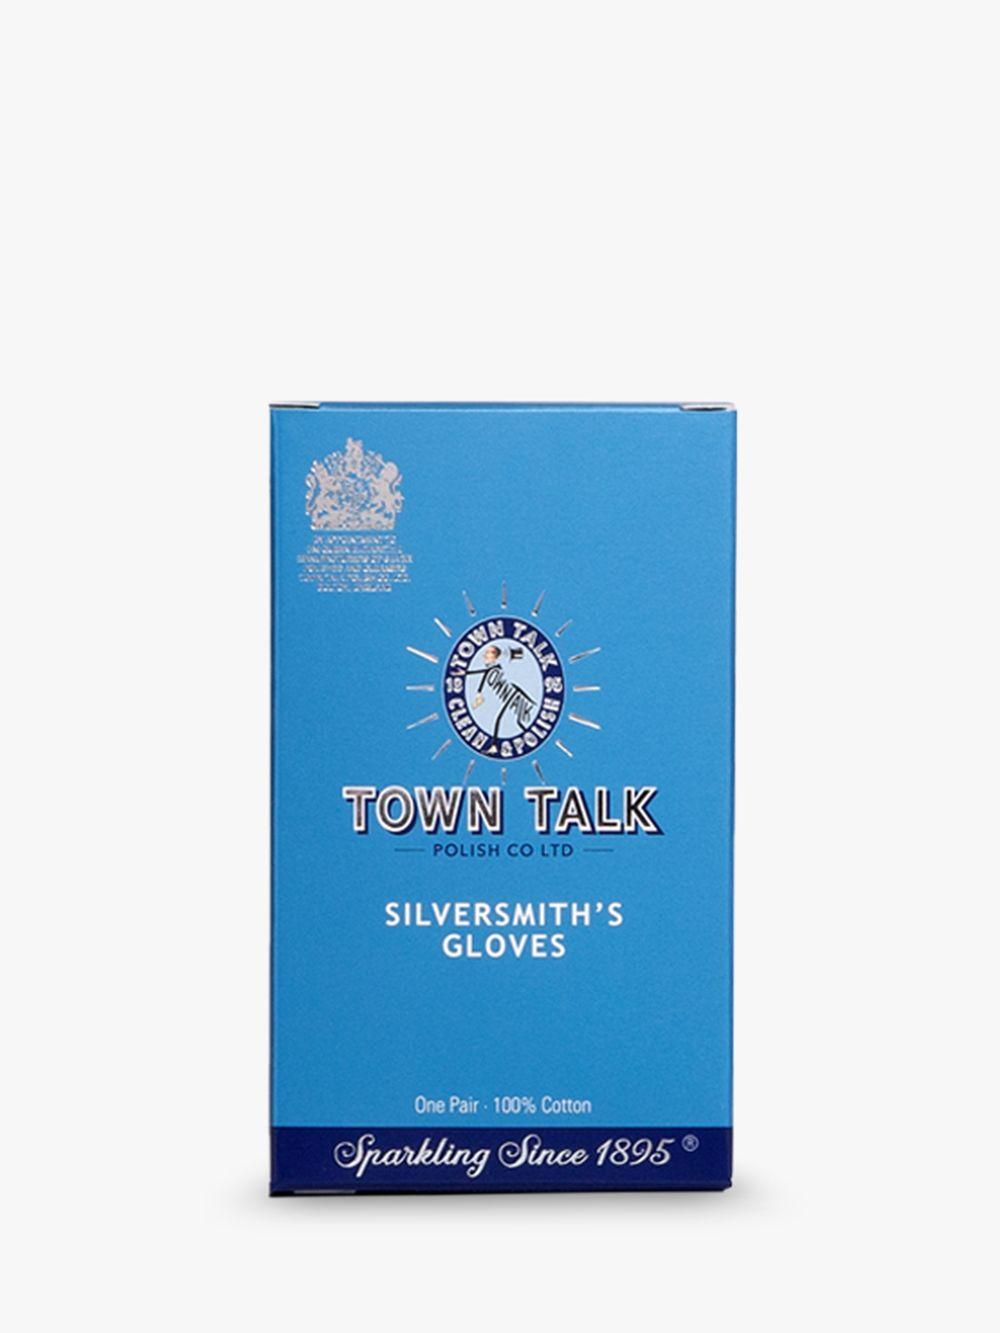 Town Talk Town Talk Luxury Silversmith's Gloves